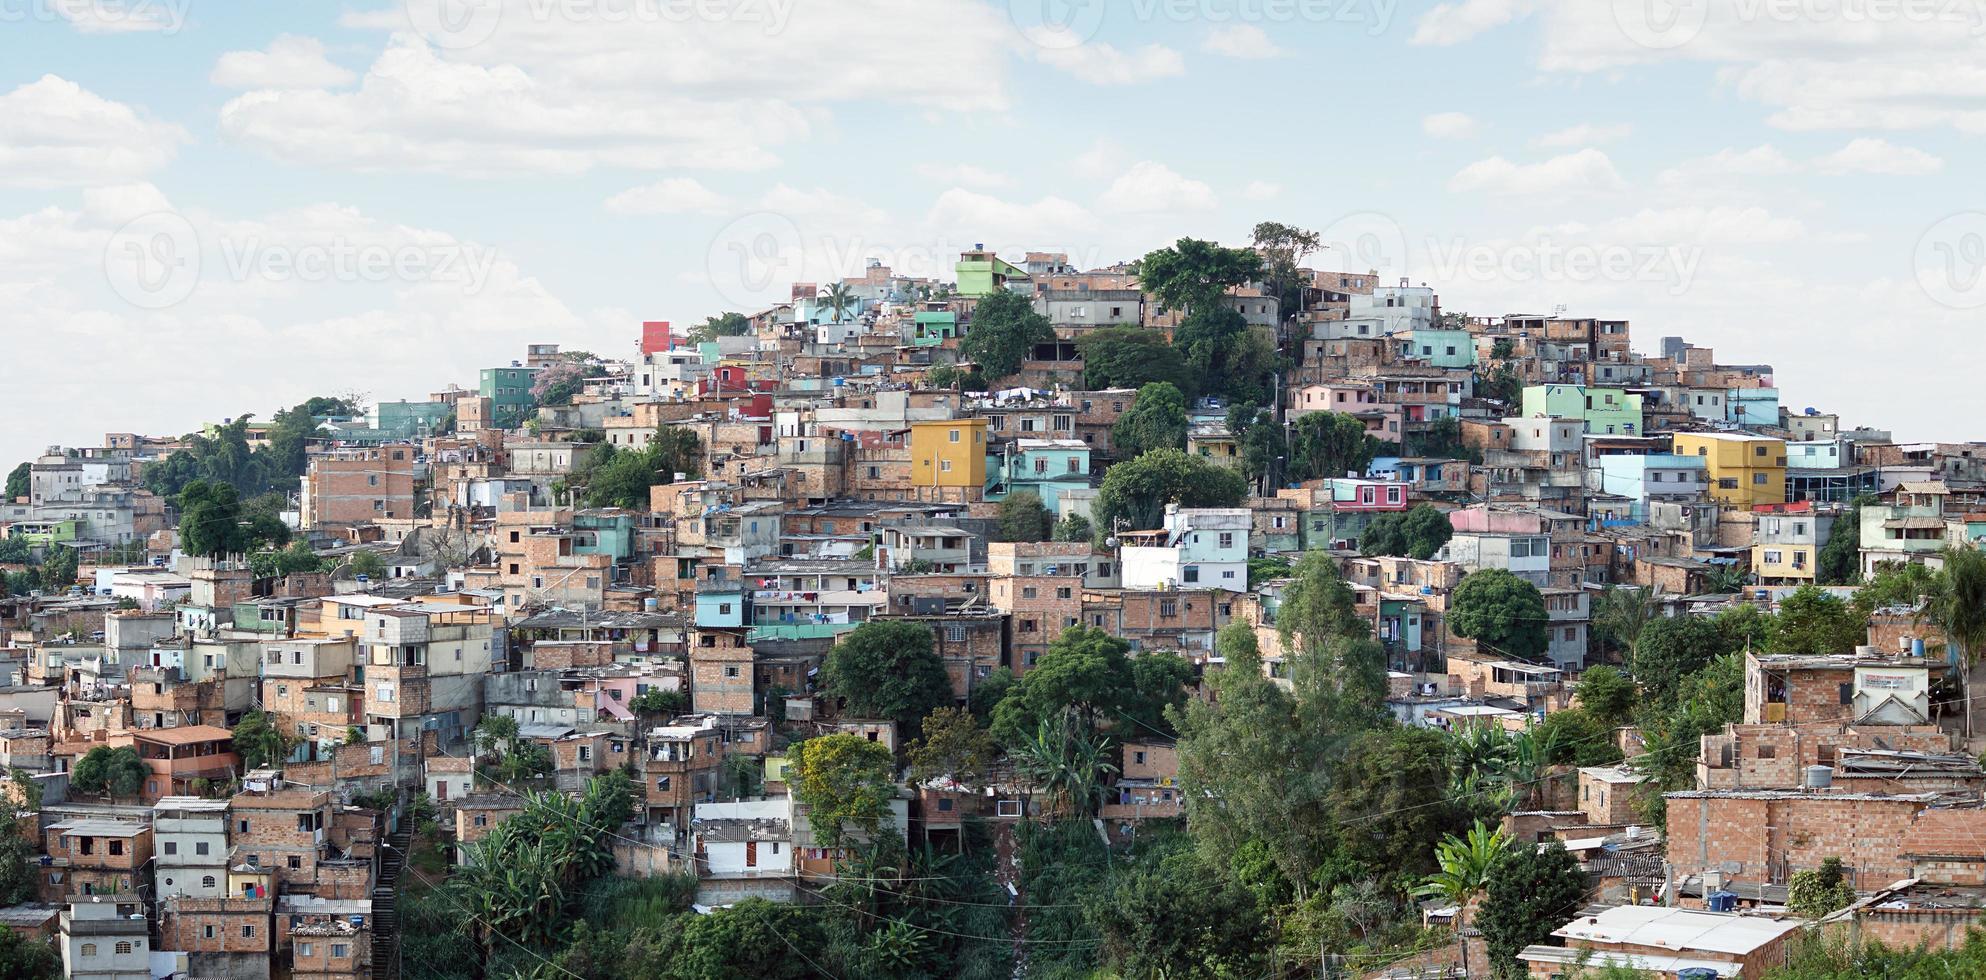 Morro do Papagaio à Belo Horizonte, Minas Gerais, Brésil photo